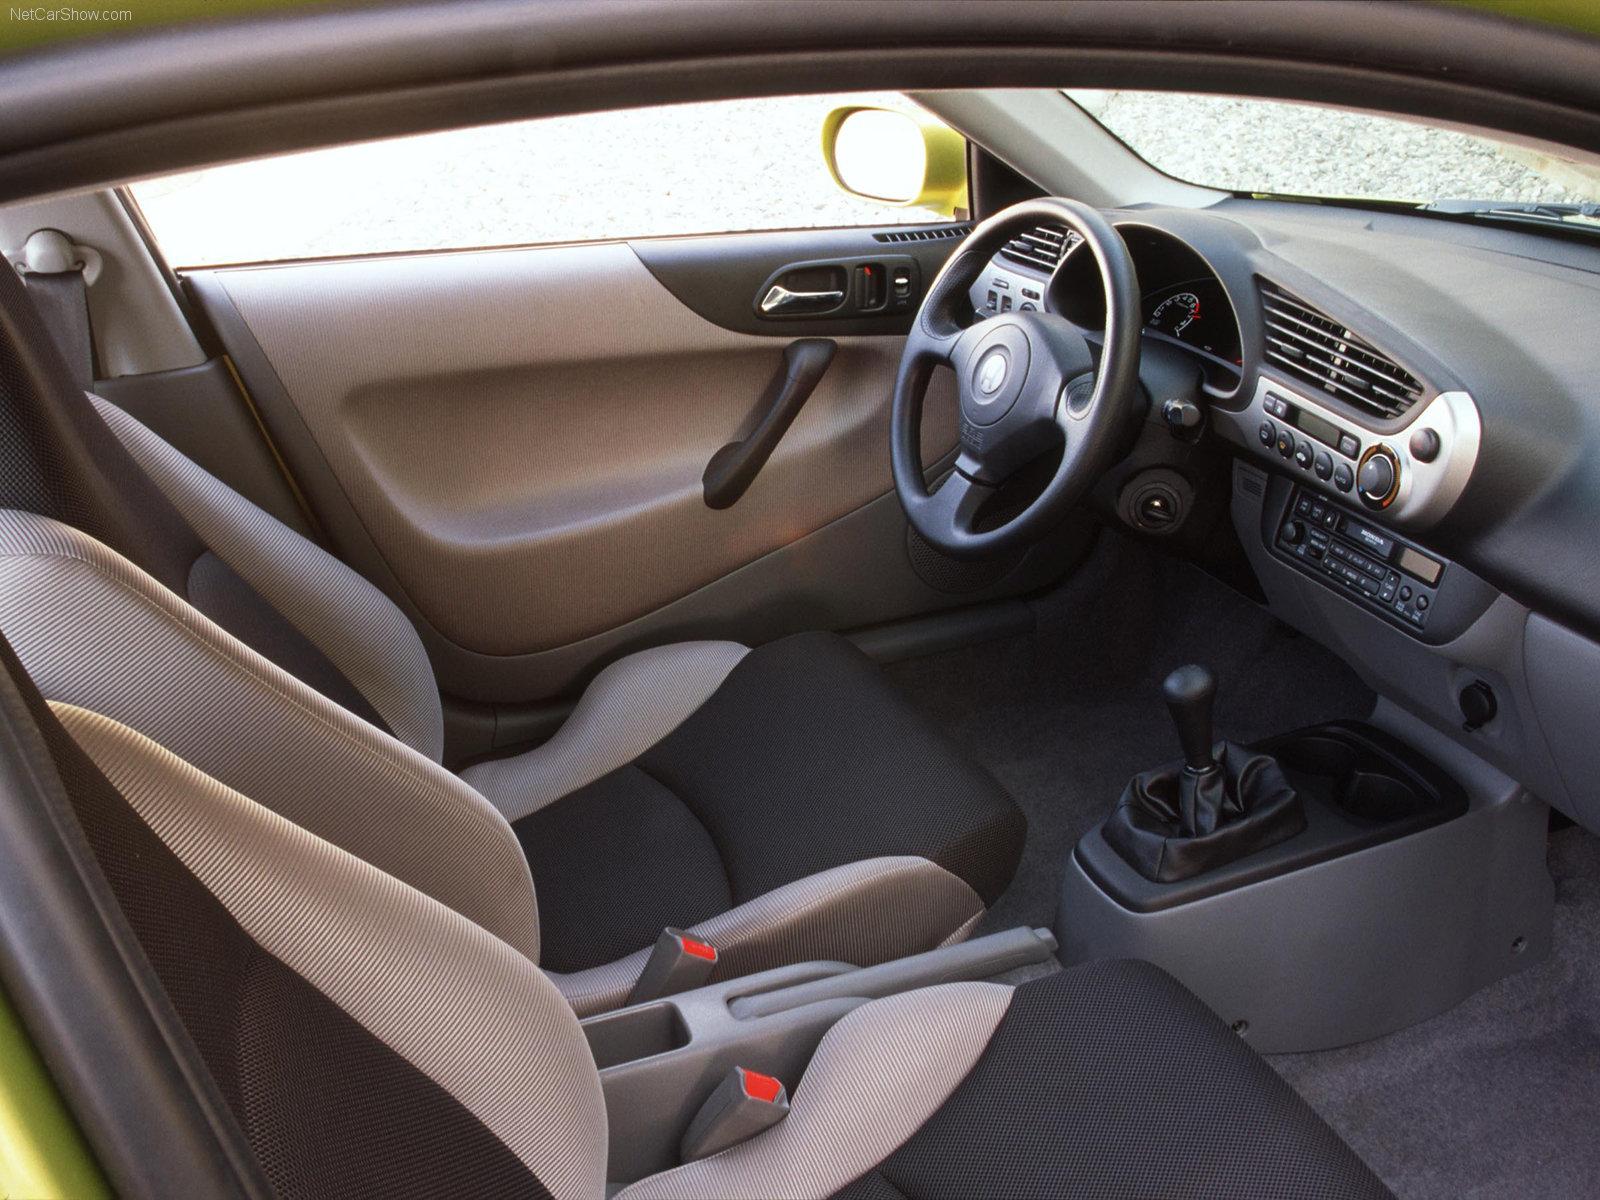 2000 Honda Insight interior